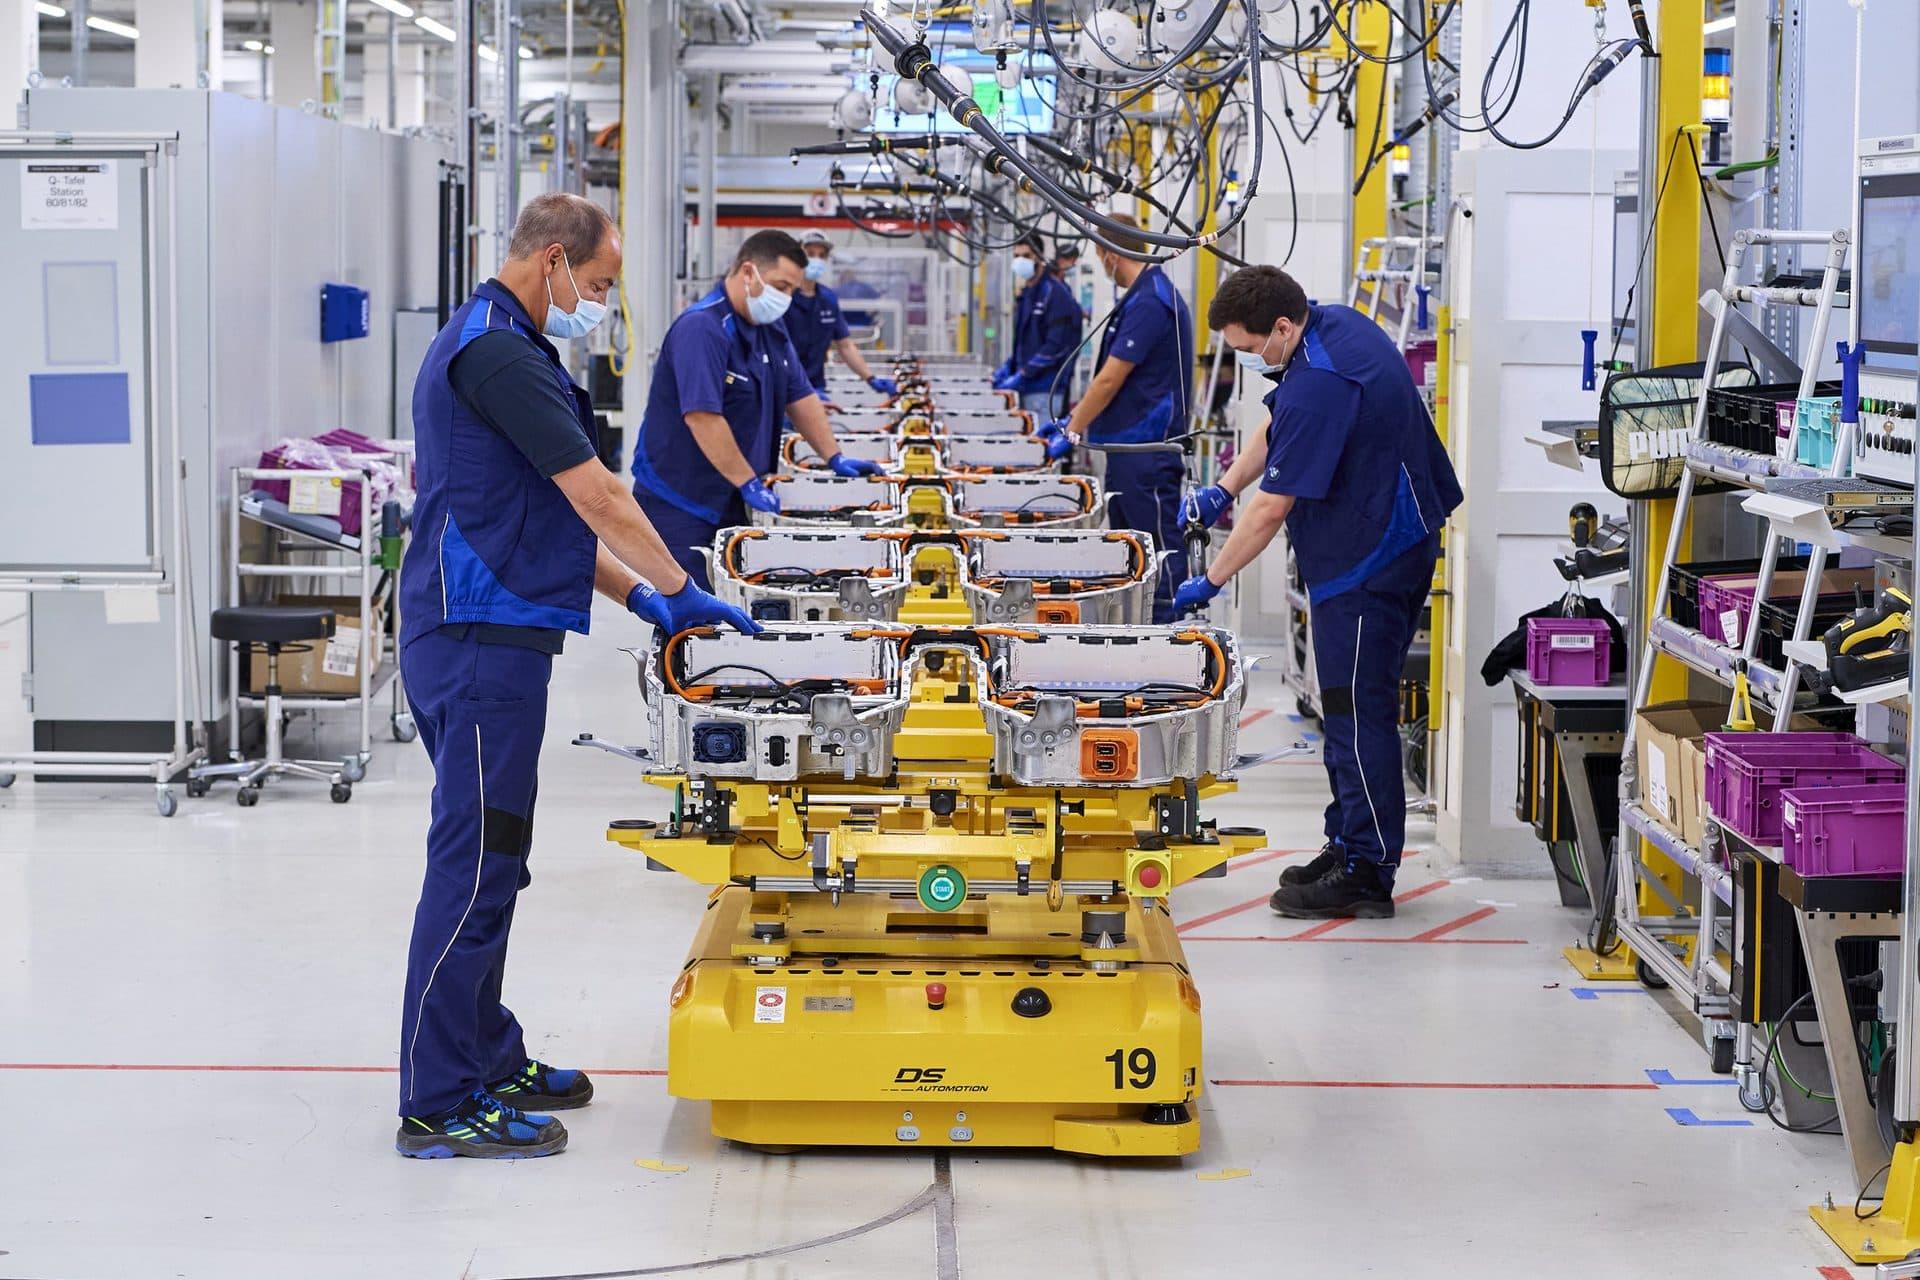 BMW Group Werk Regensburg fertigt ab 2021 Antriebskomponenten für elektrifizierte Fahrzeuge Drei Standorte produzieren künftig Hochvoltbatterien und Batteriekomponenten: Dingolfing, Leipzig und Regensburg